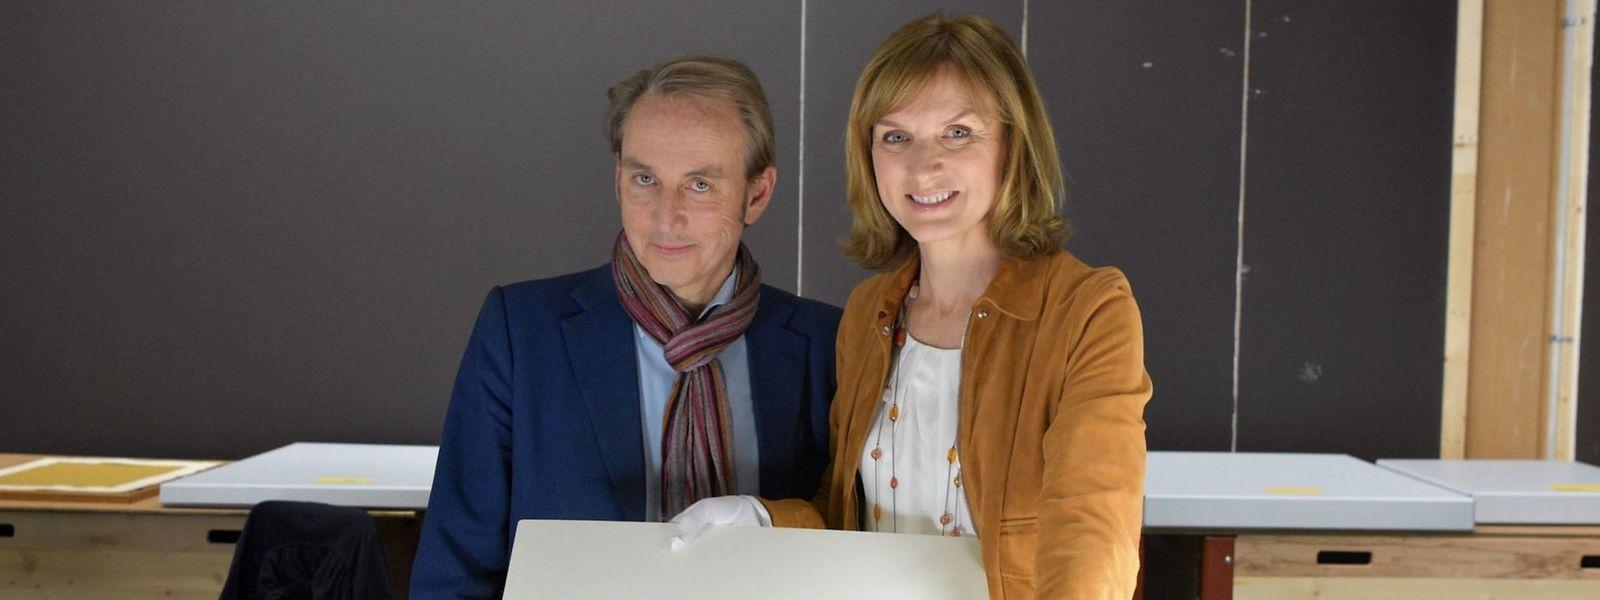 Philippe Mould und Fiona Bruce suchen mit ausgeklügelten Methoden nach Originalen.